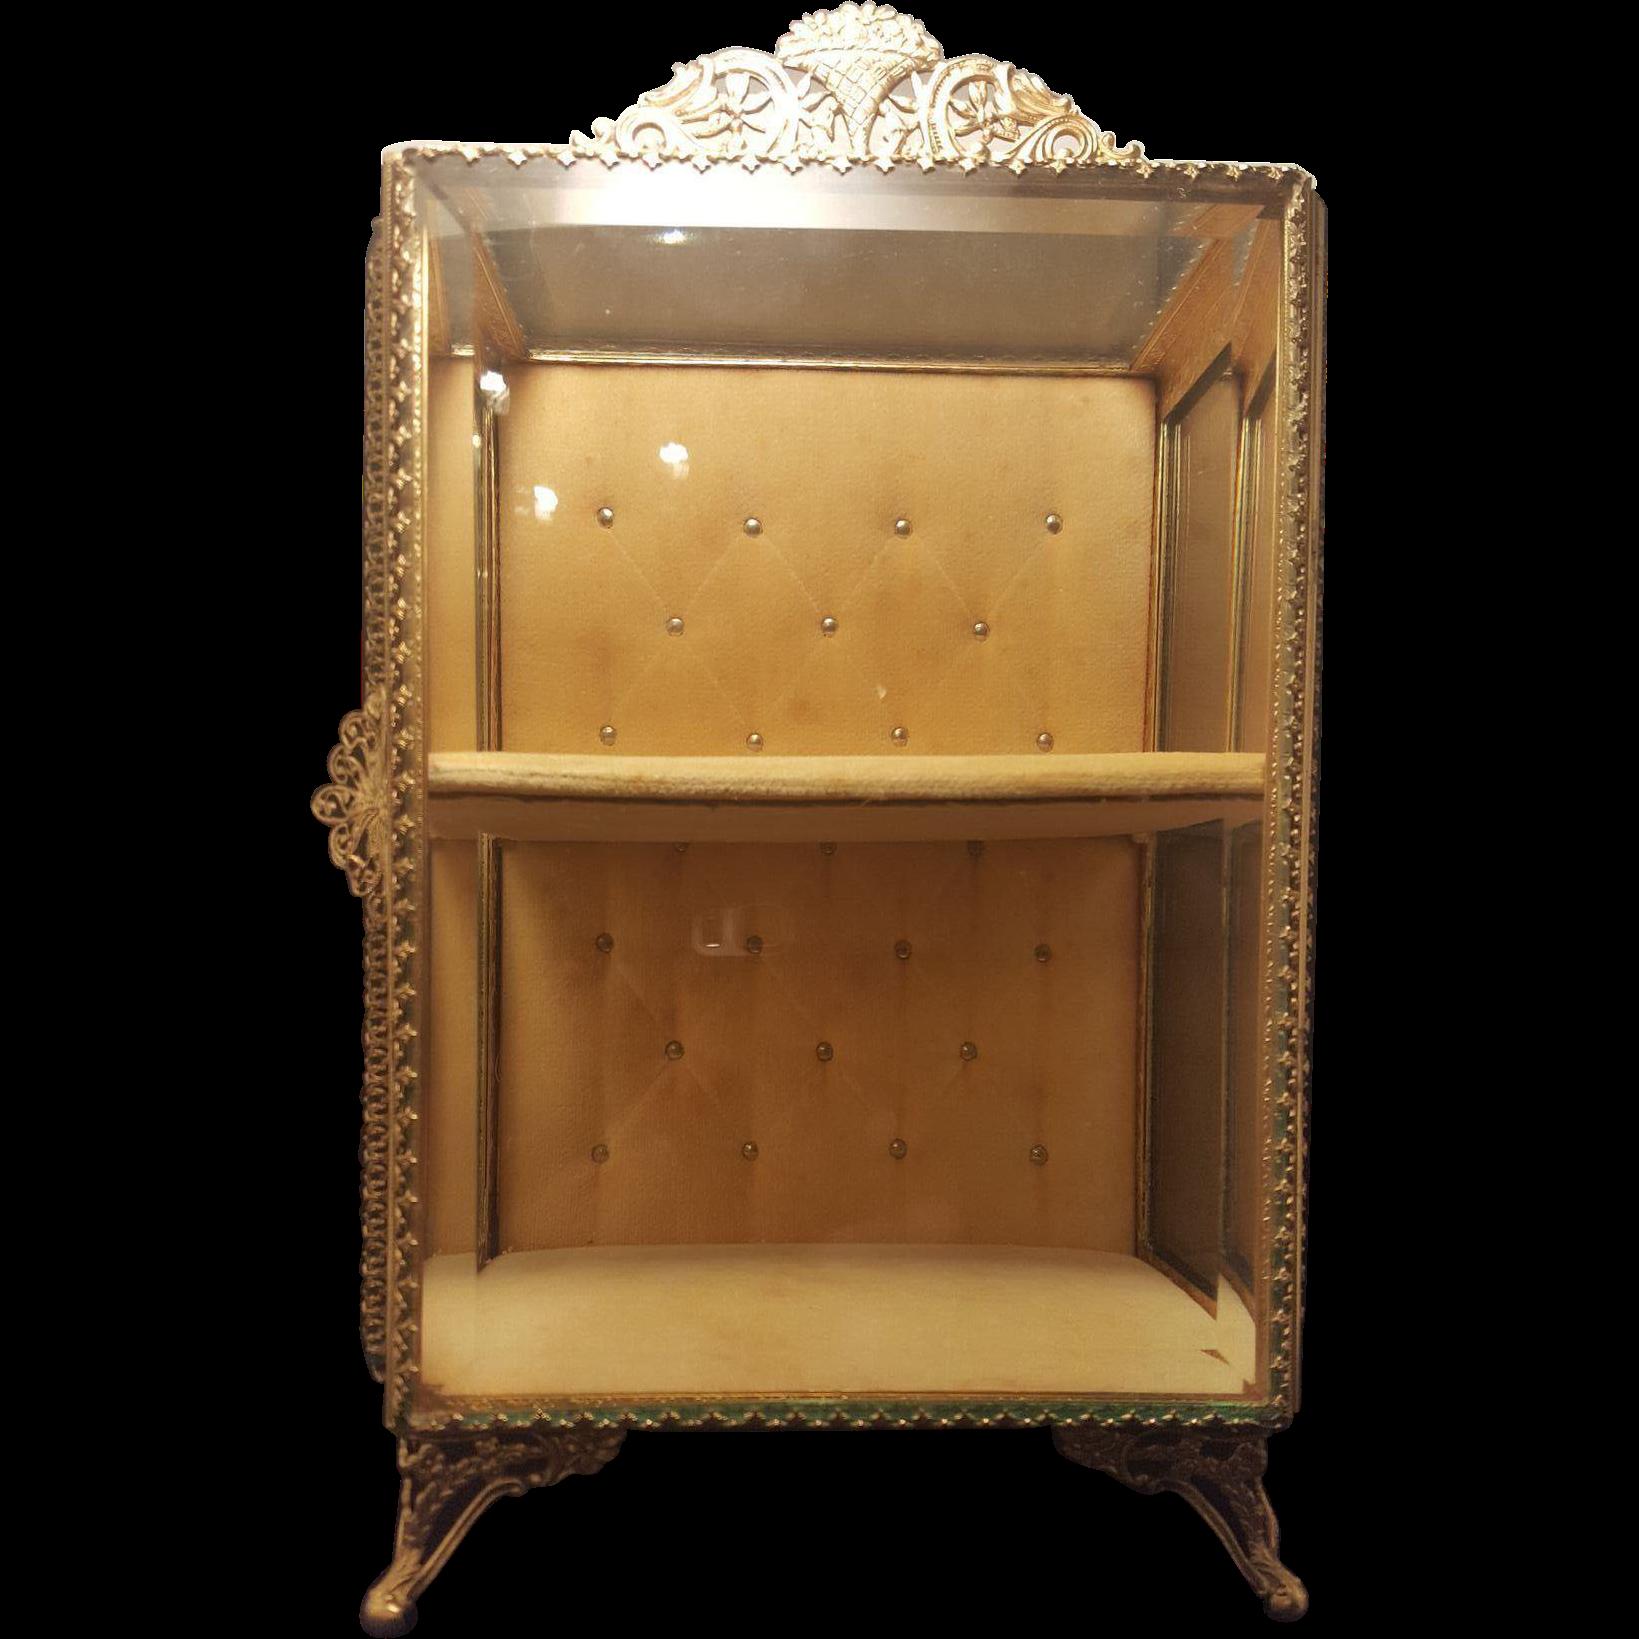 vitrine vintage affordable vintage glass vintage with. Black Bedroom Furniture Sets. Home Design Ideas